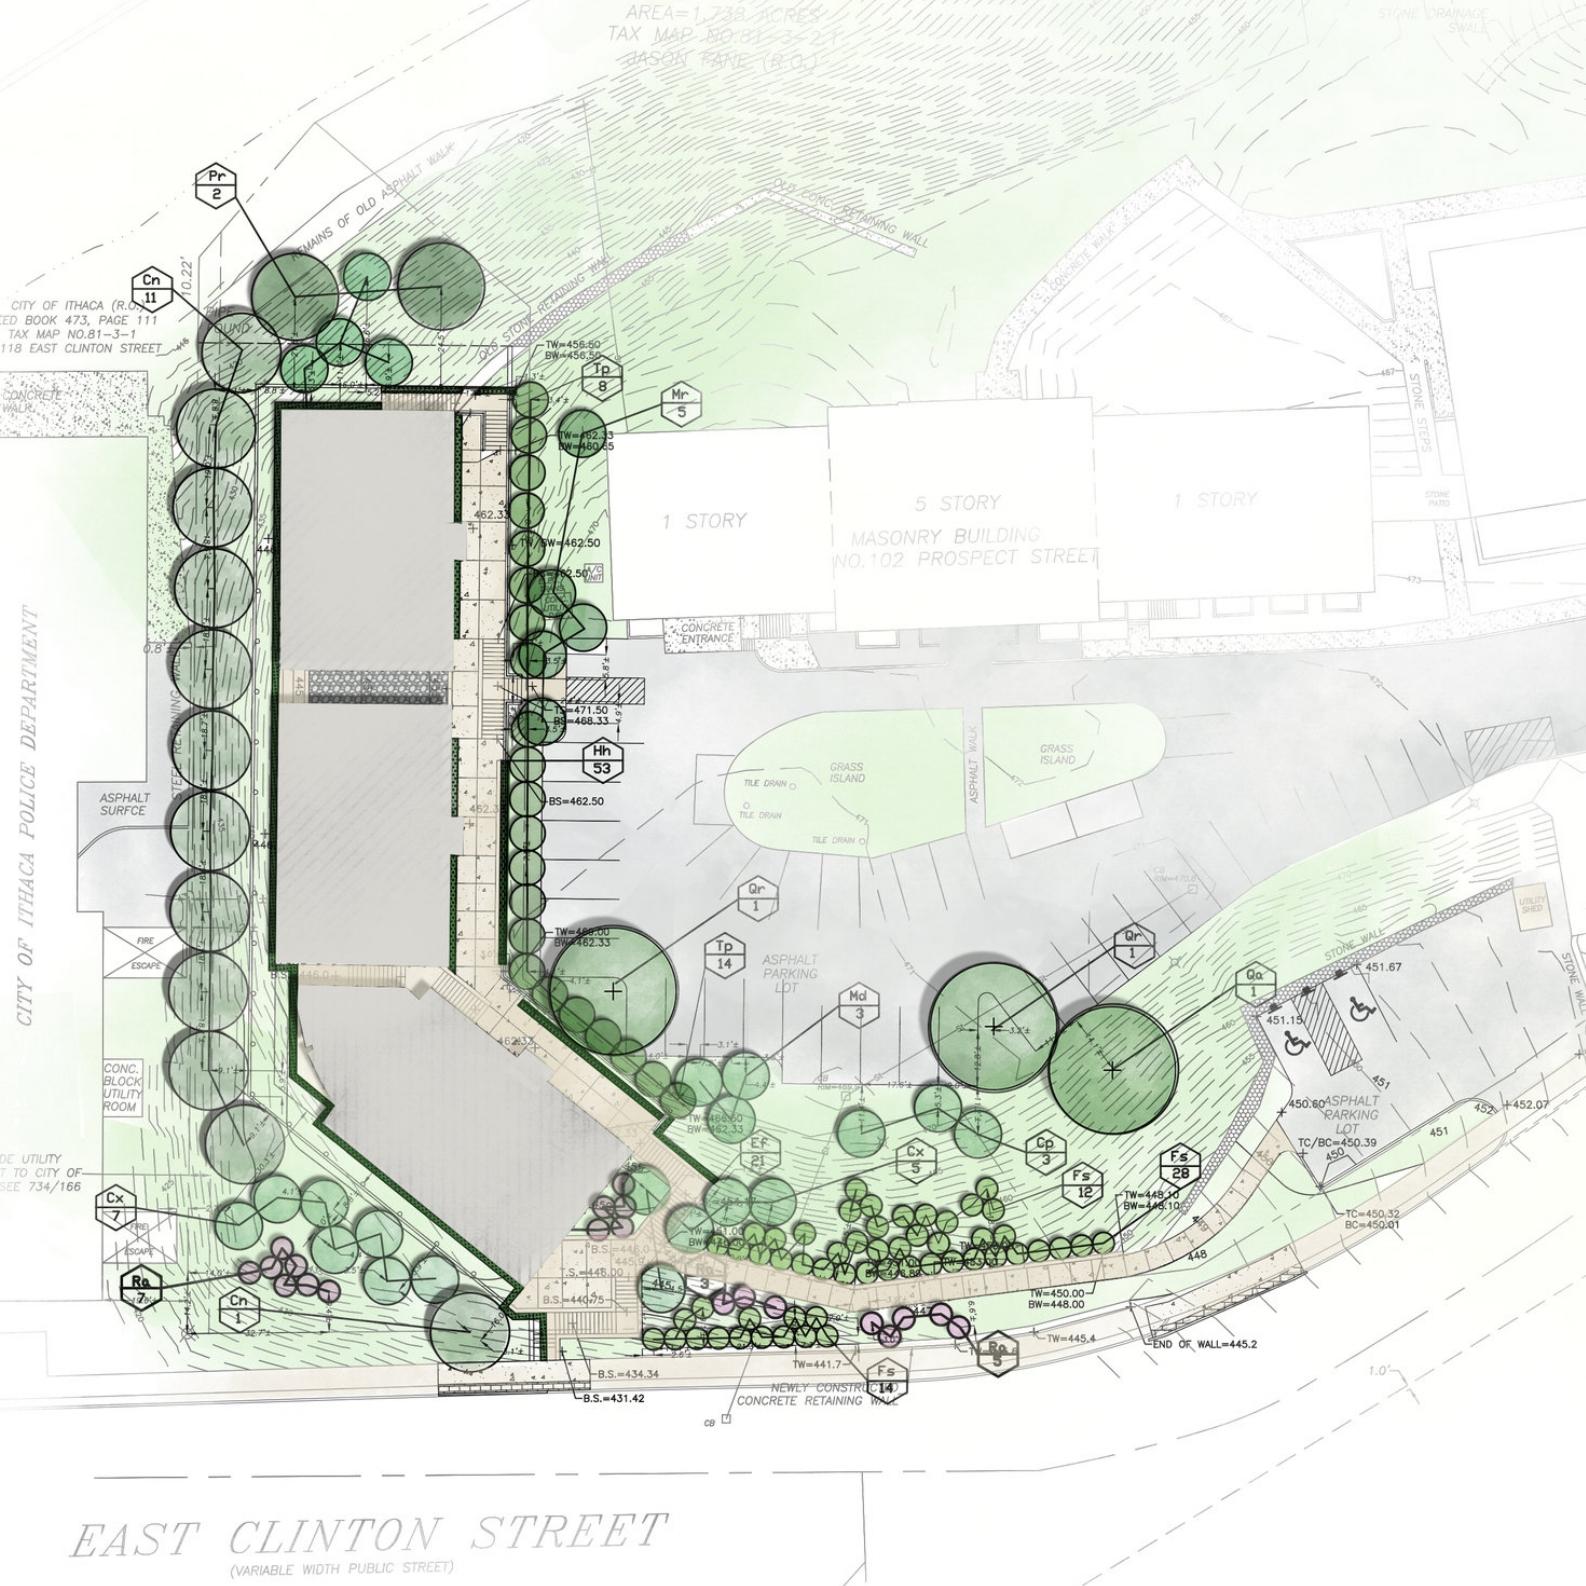 130 Clinton Street | Landscape Architecture